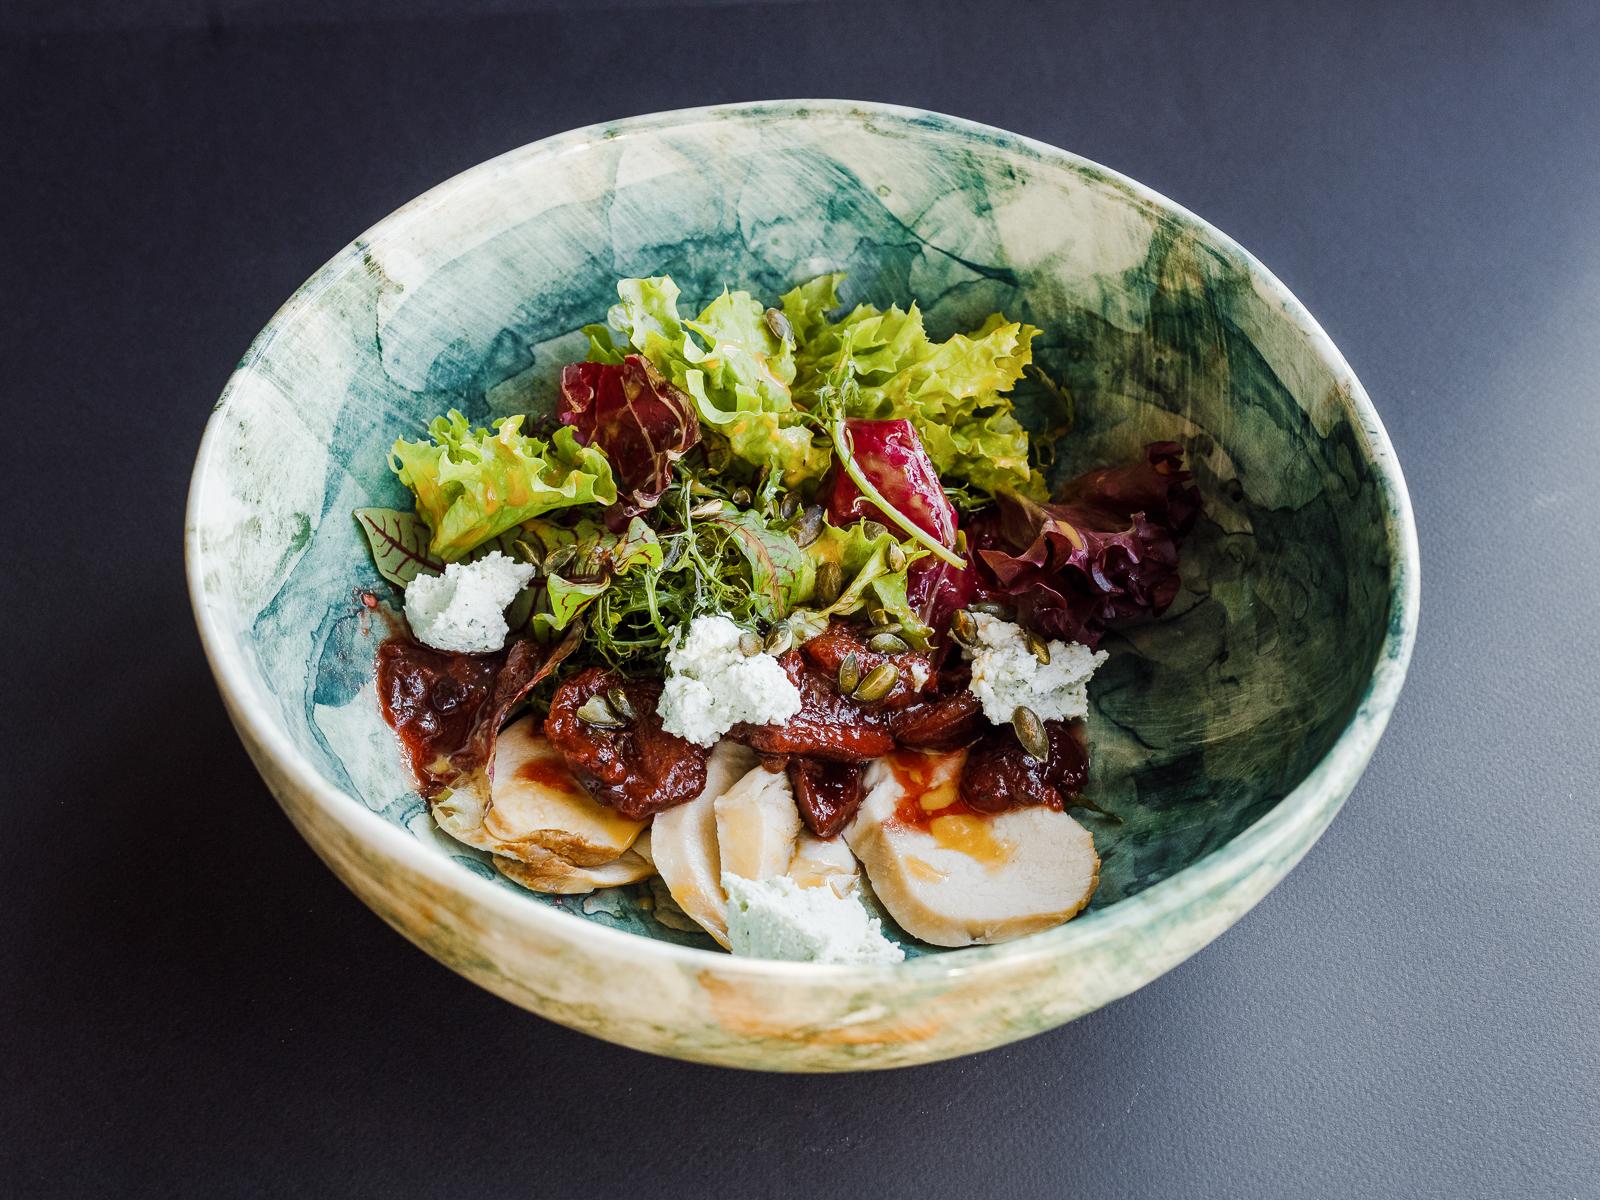 Салат с копченым цыпленком, соусом из сливы и домашним творогом